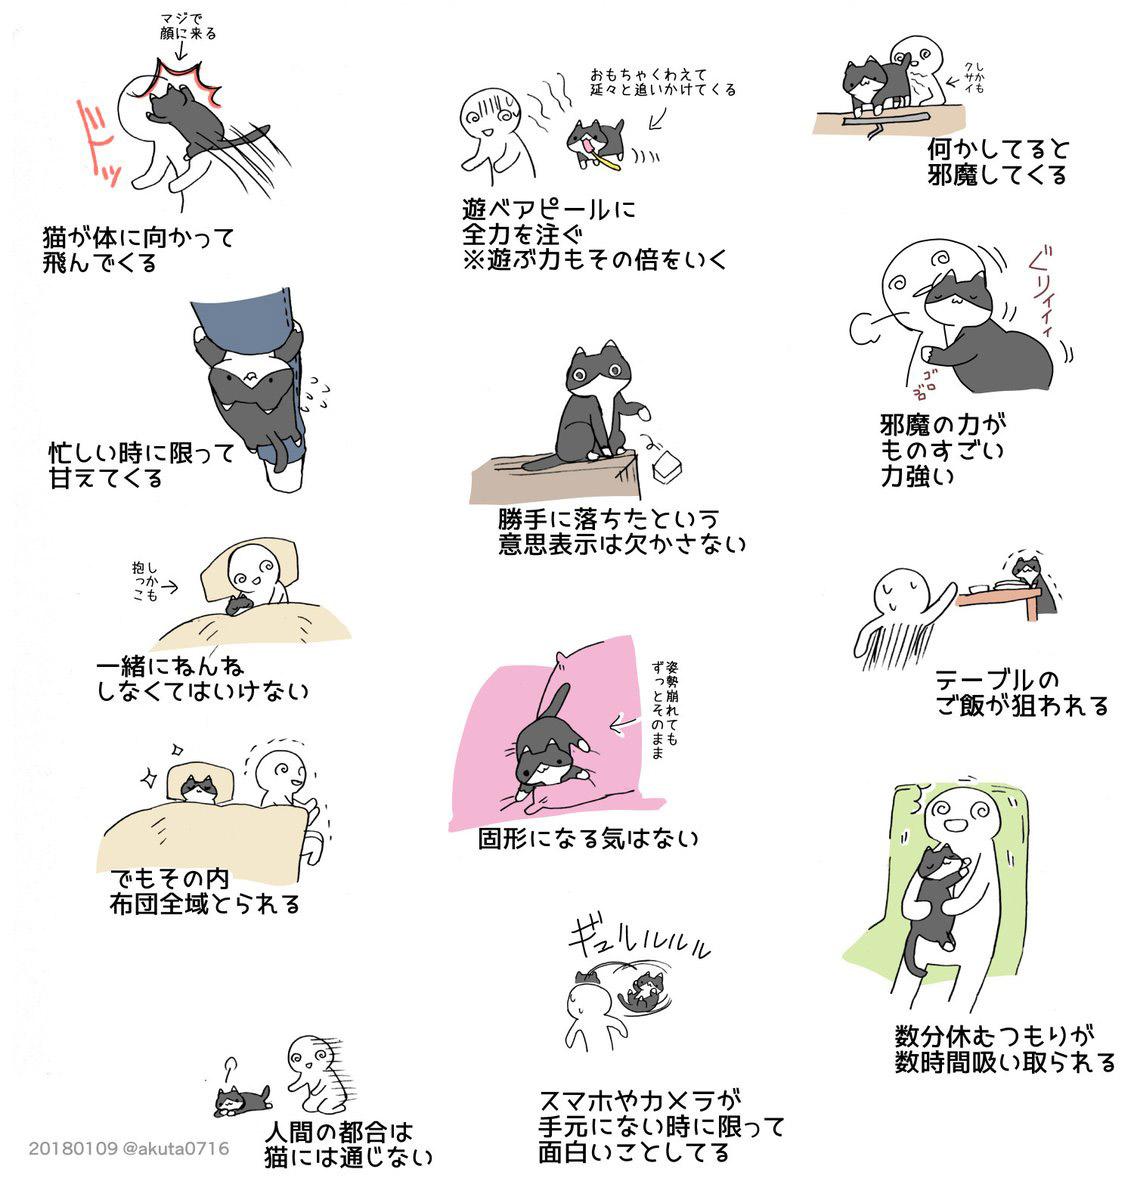 猫を飼うのは大変だということ』 4枚のイラストに、多くの飼い主が涙